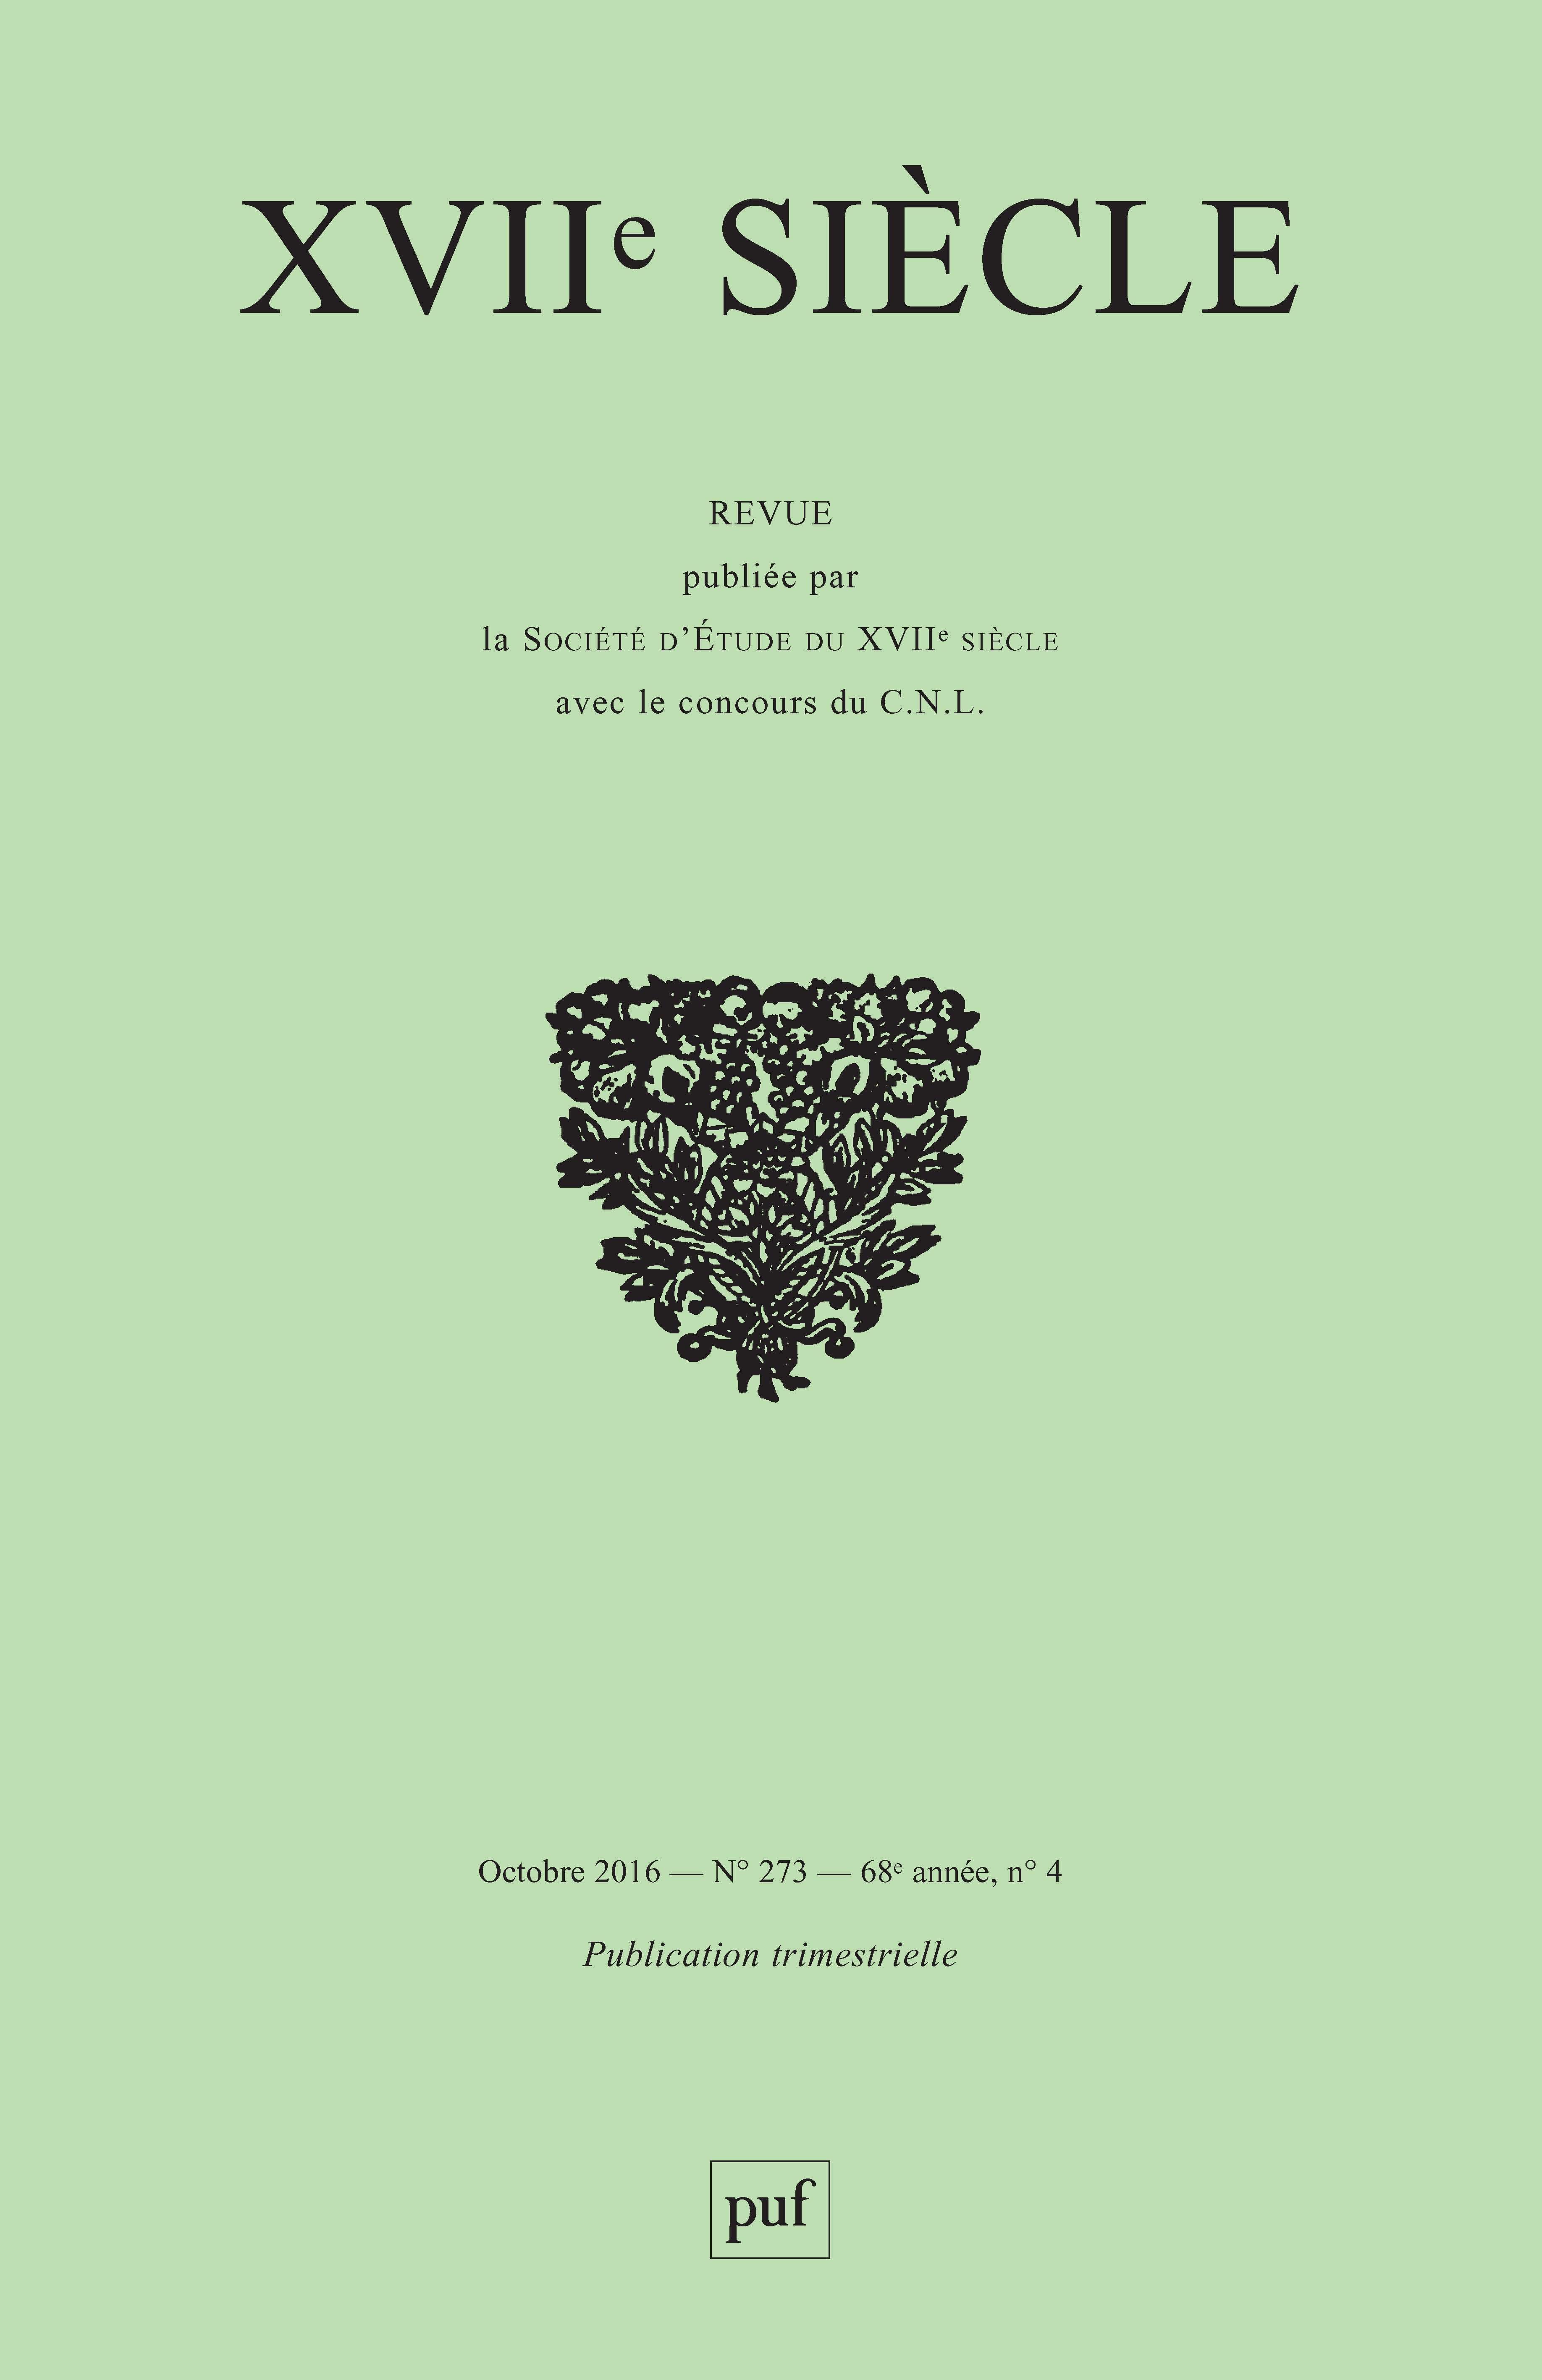 image noire de louis xiv l provinces unies angleterre 1668 1715